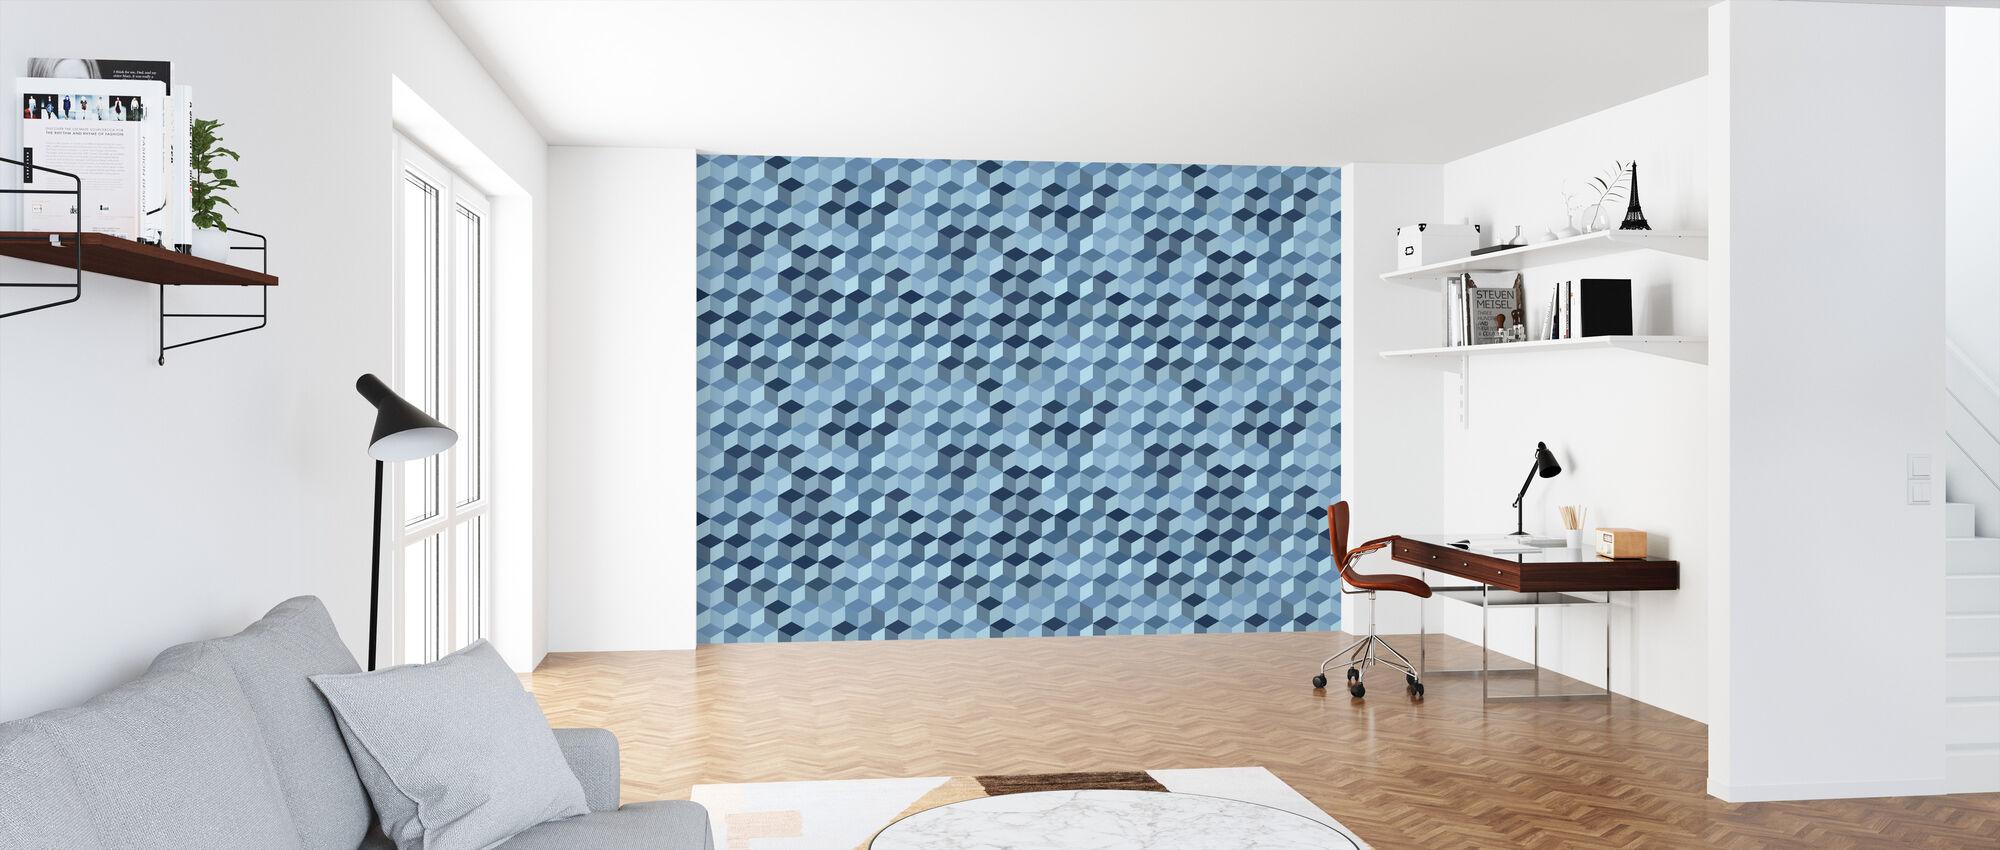 Cube Hexagon Pattern - Steel - Wallpaper - Office